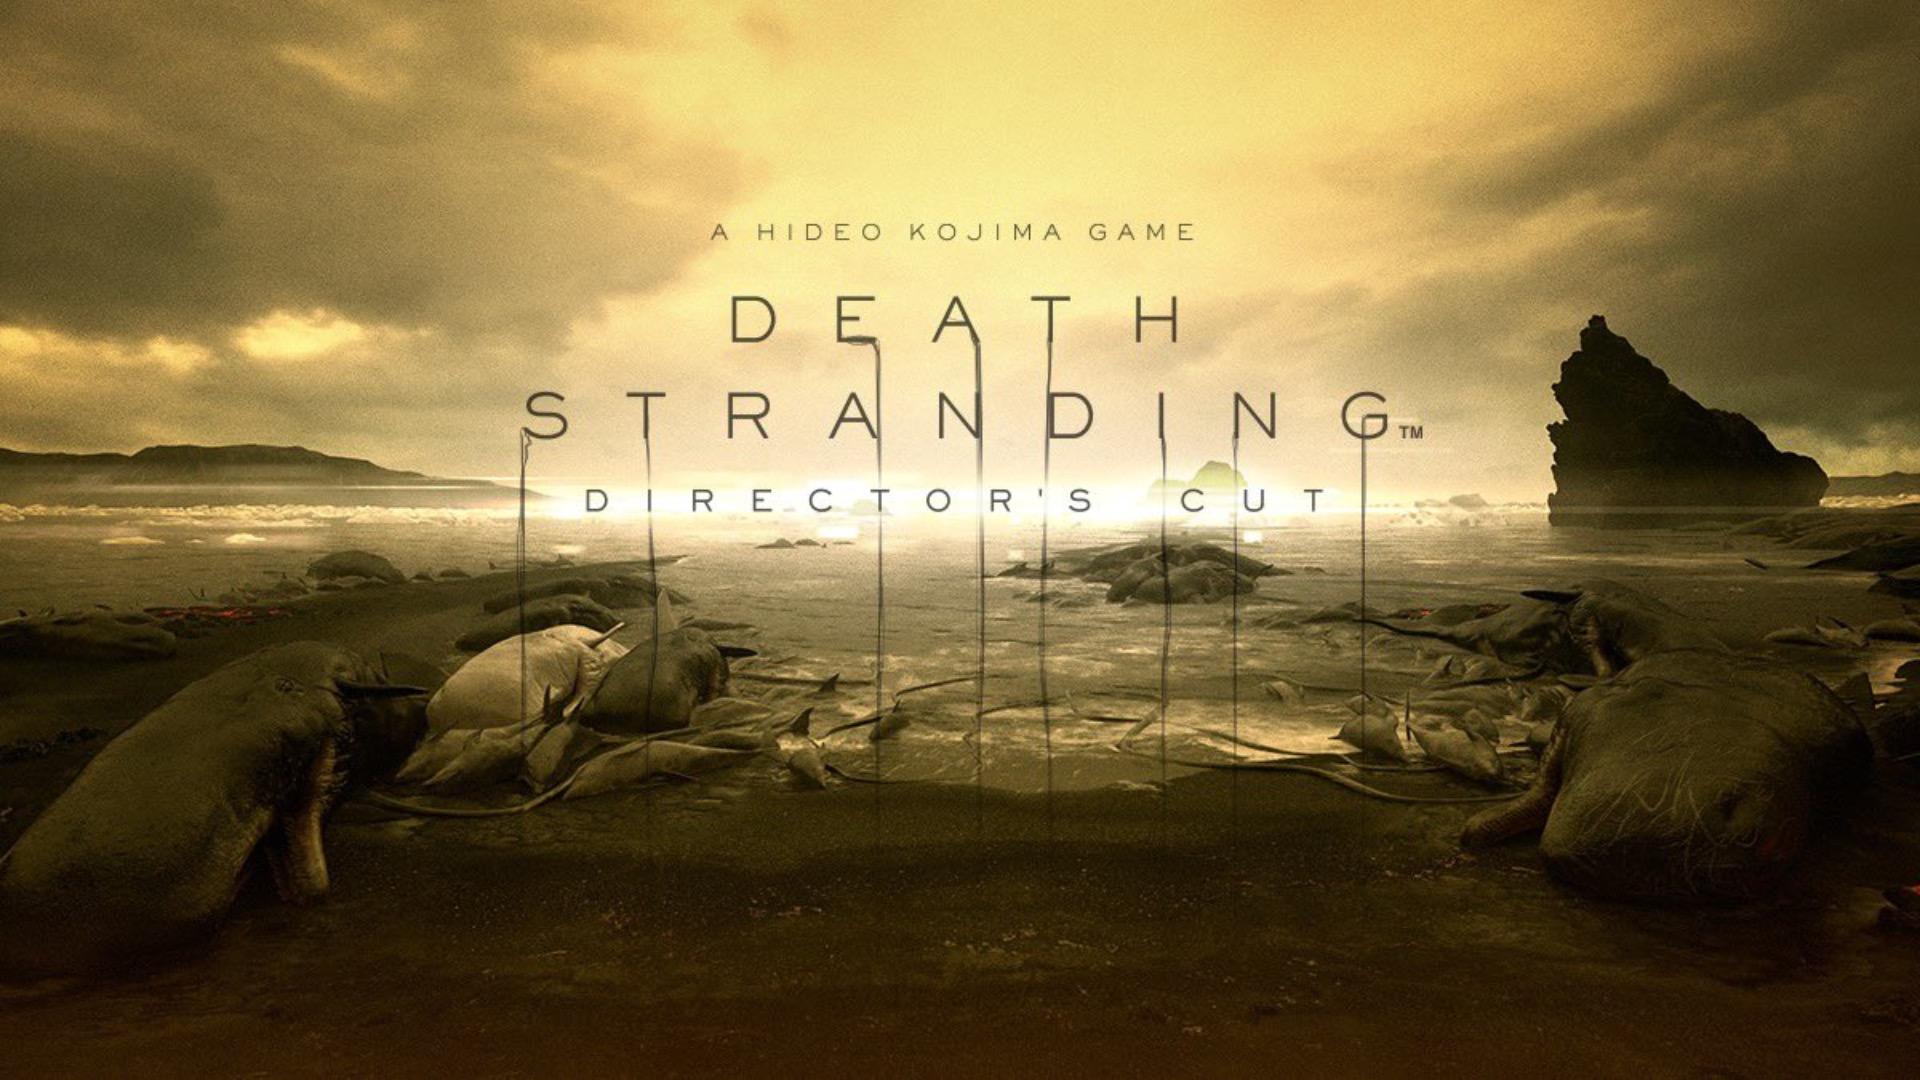 Versão do diretor de Death Stranding: o trailer editado por Kojima é puro show